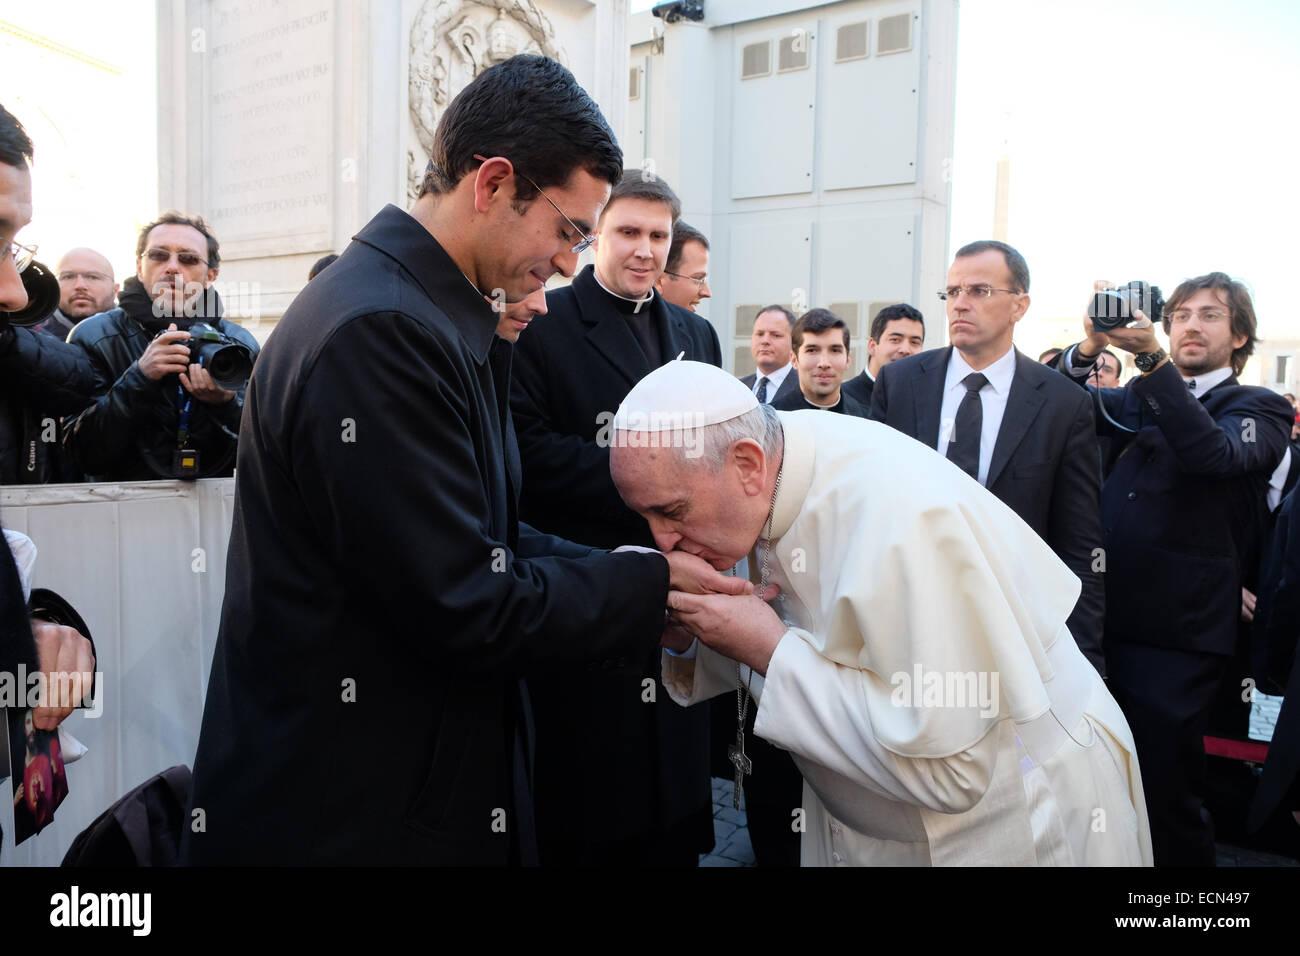 Vidéo : Le Pape François ne laisse personne embrasser sa bague ! Surprenant ! St-peters-square-vatican-city-17th-dec-2014-pope-francis-kiss-the-ECN497